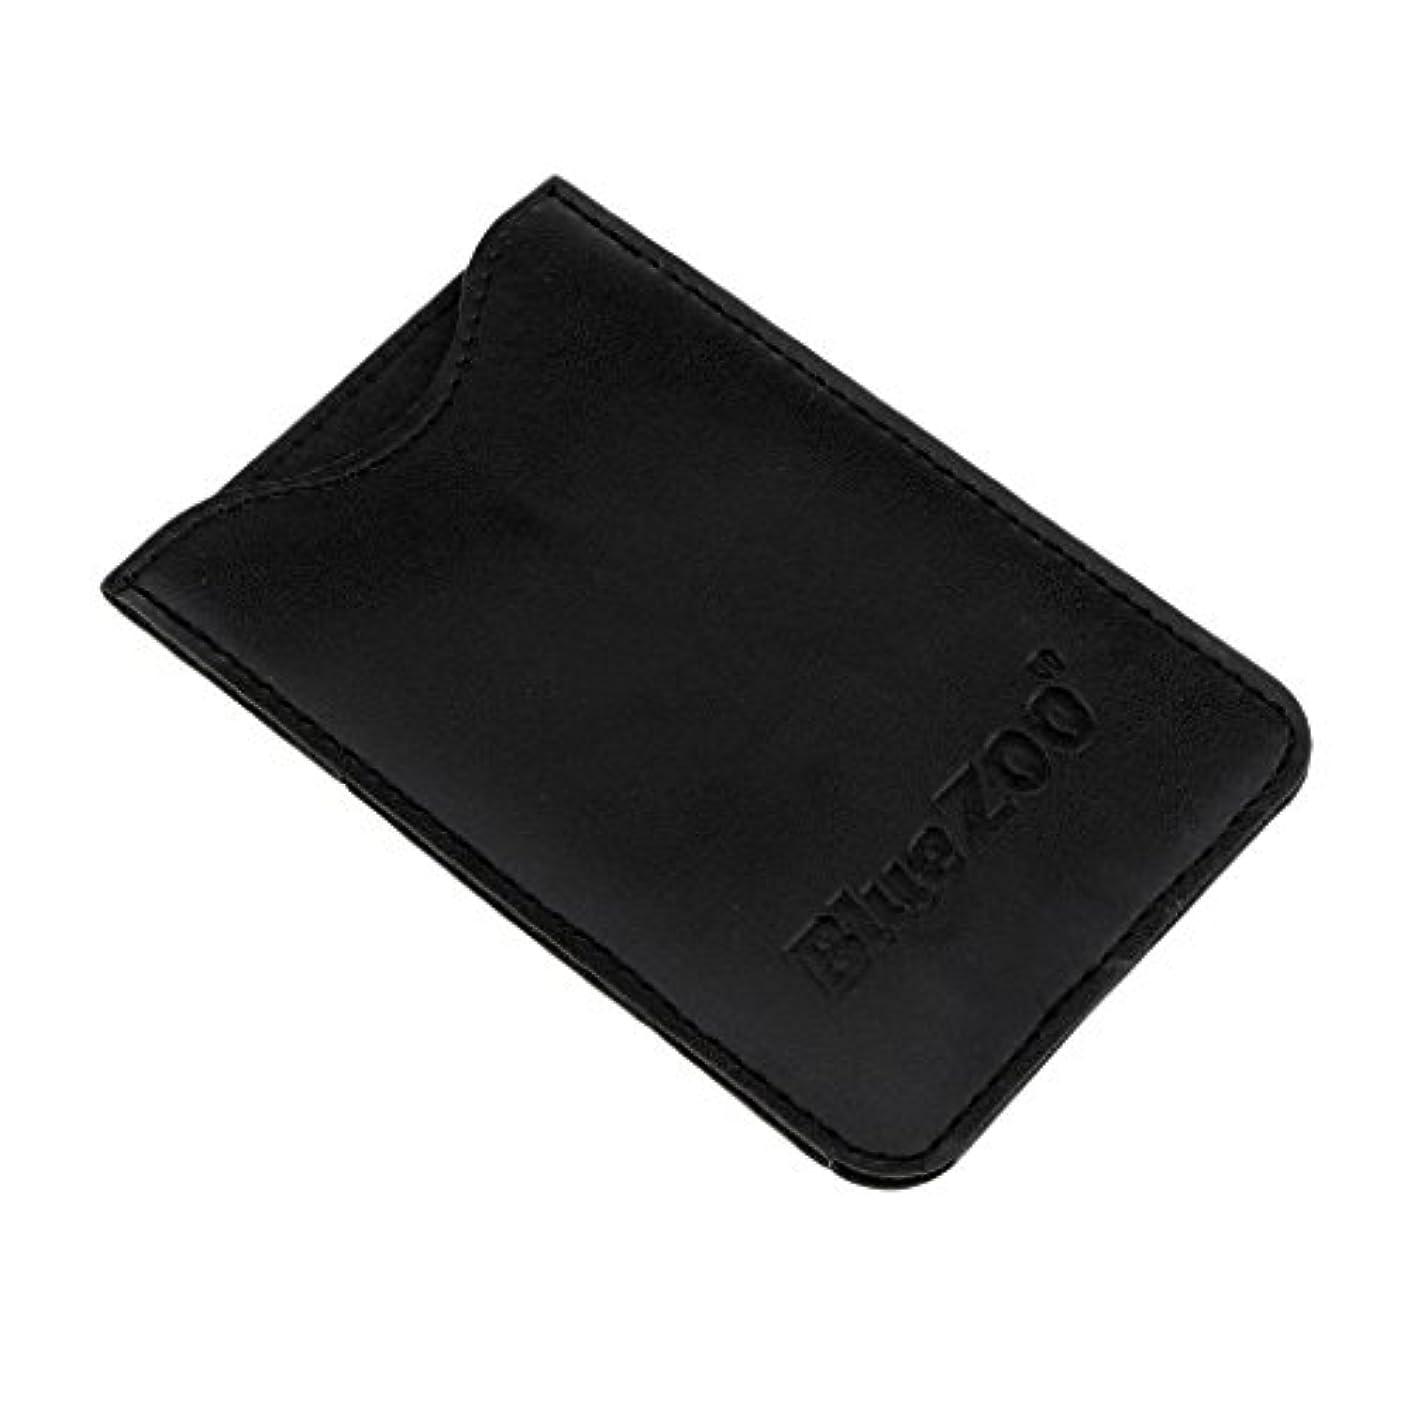 アウトドアいっぱい普及PUレザー バッグ 収納ケース 保護カバー 櫛/名刺/IDカード/銀行カード 収納パック 便利 全2色 - ブラック